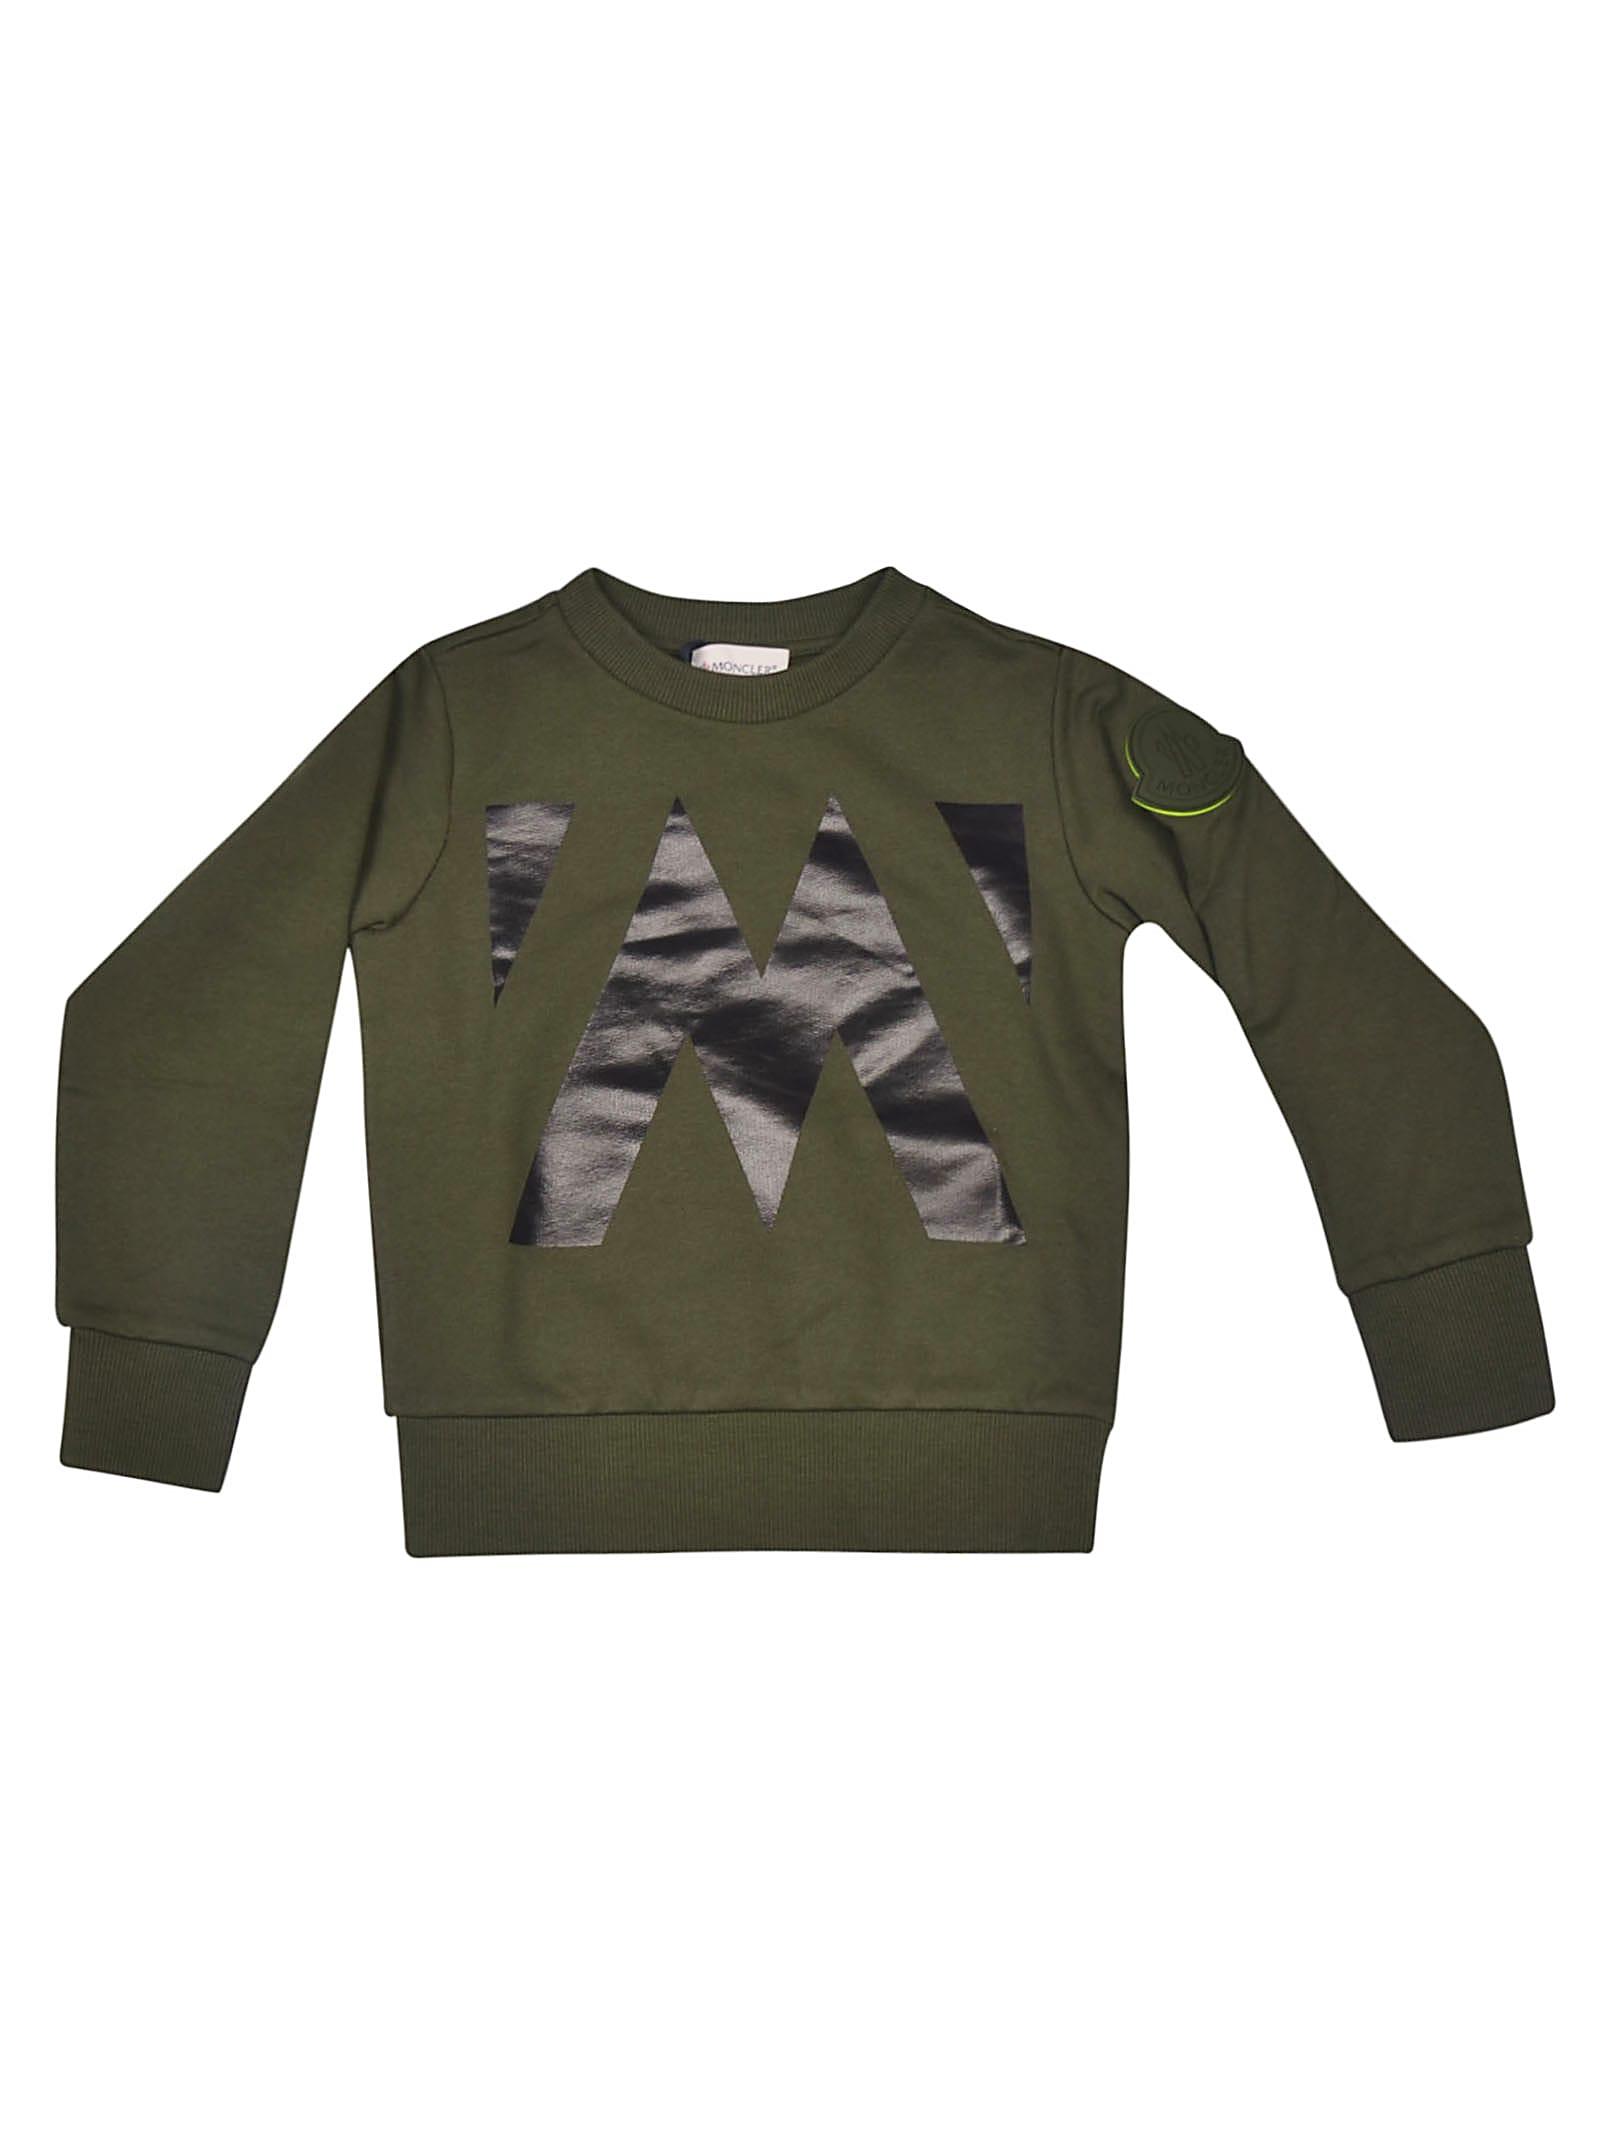 separation shoes d0482 9d159 Moncler Printed Sweatshirt